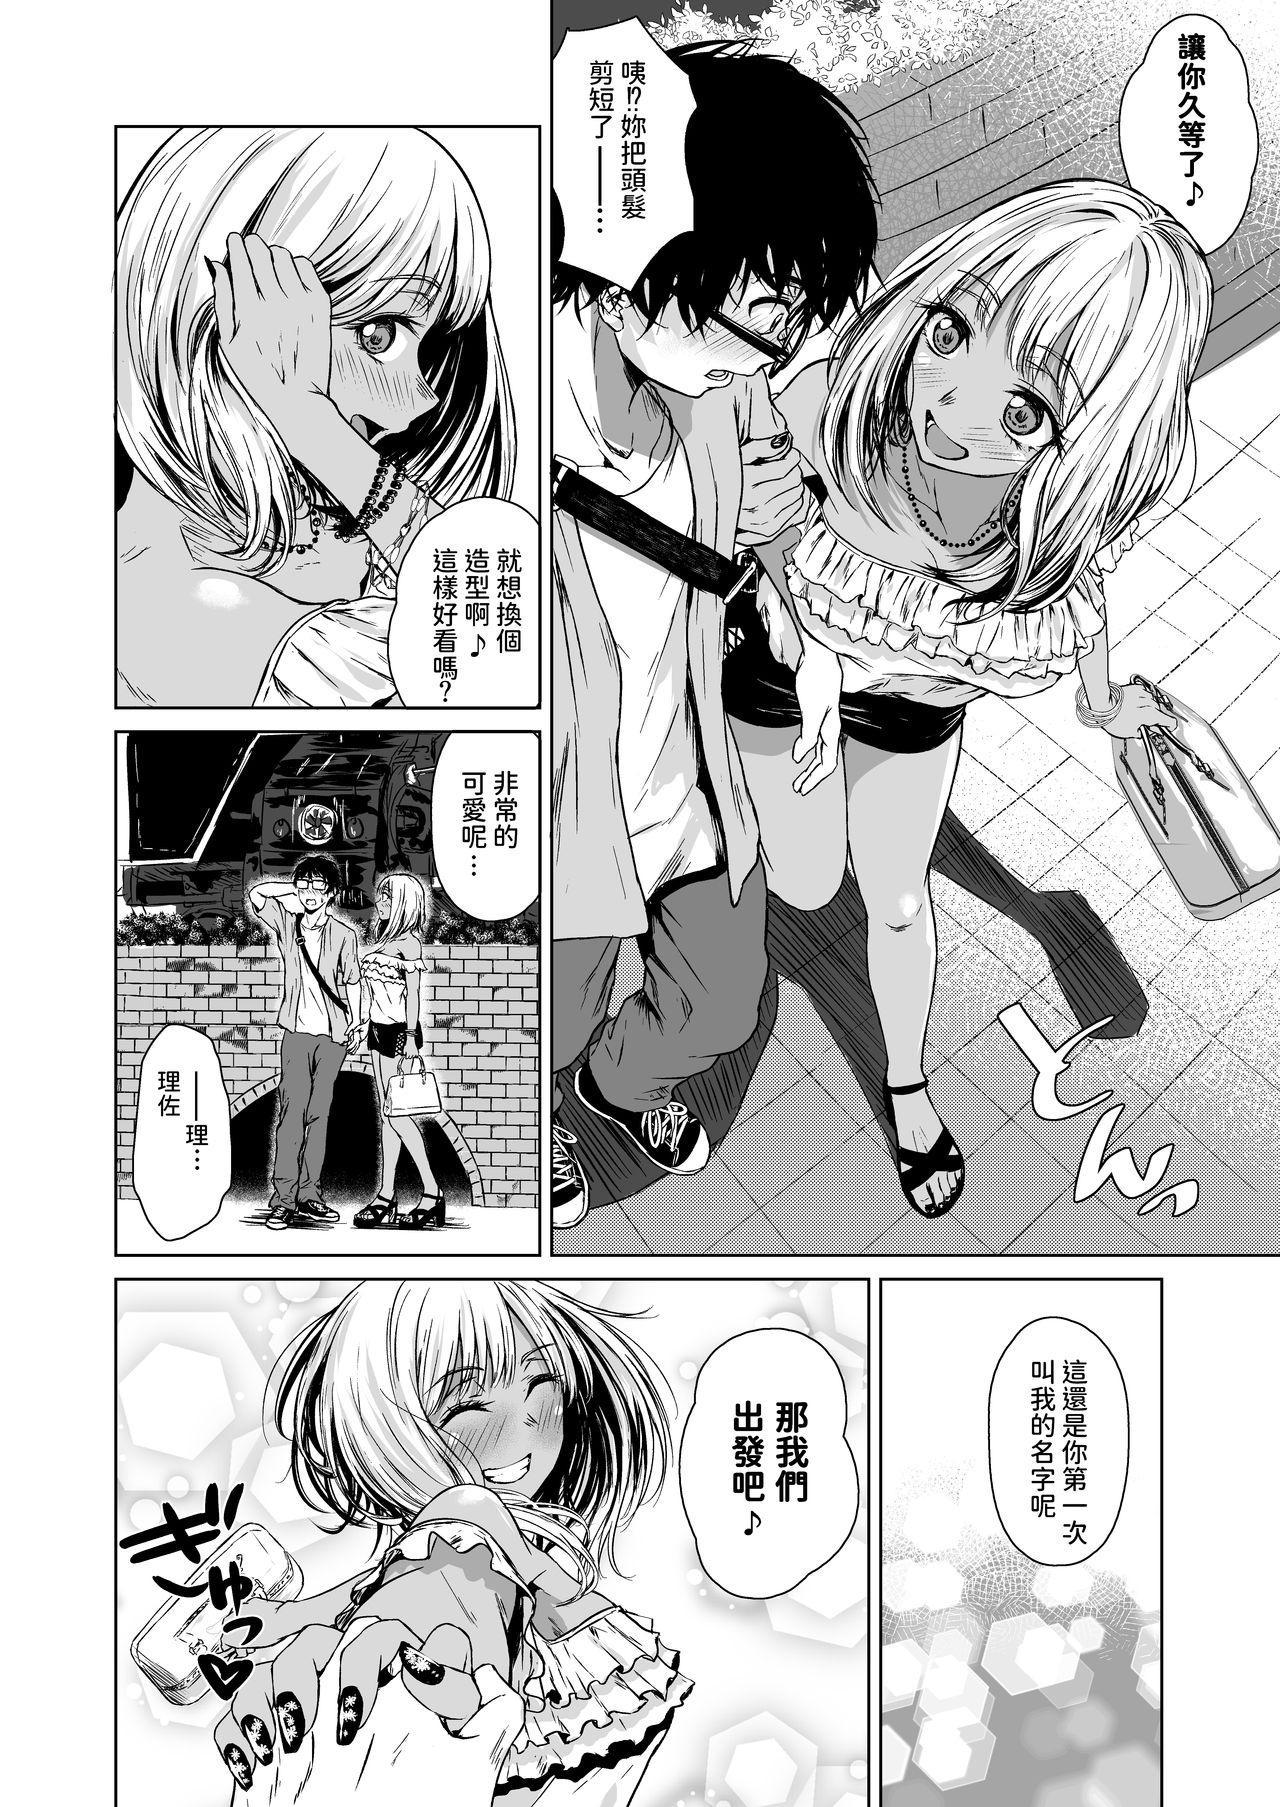 Gal to InCha no Kousai Shuukan. 51